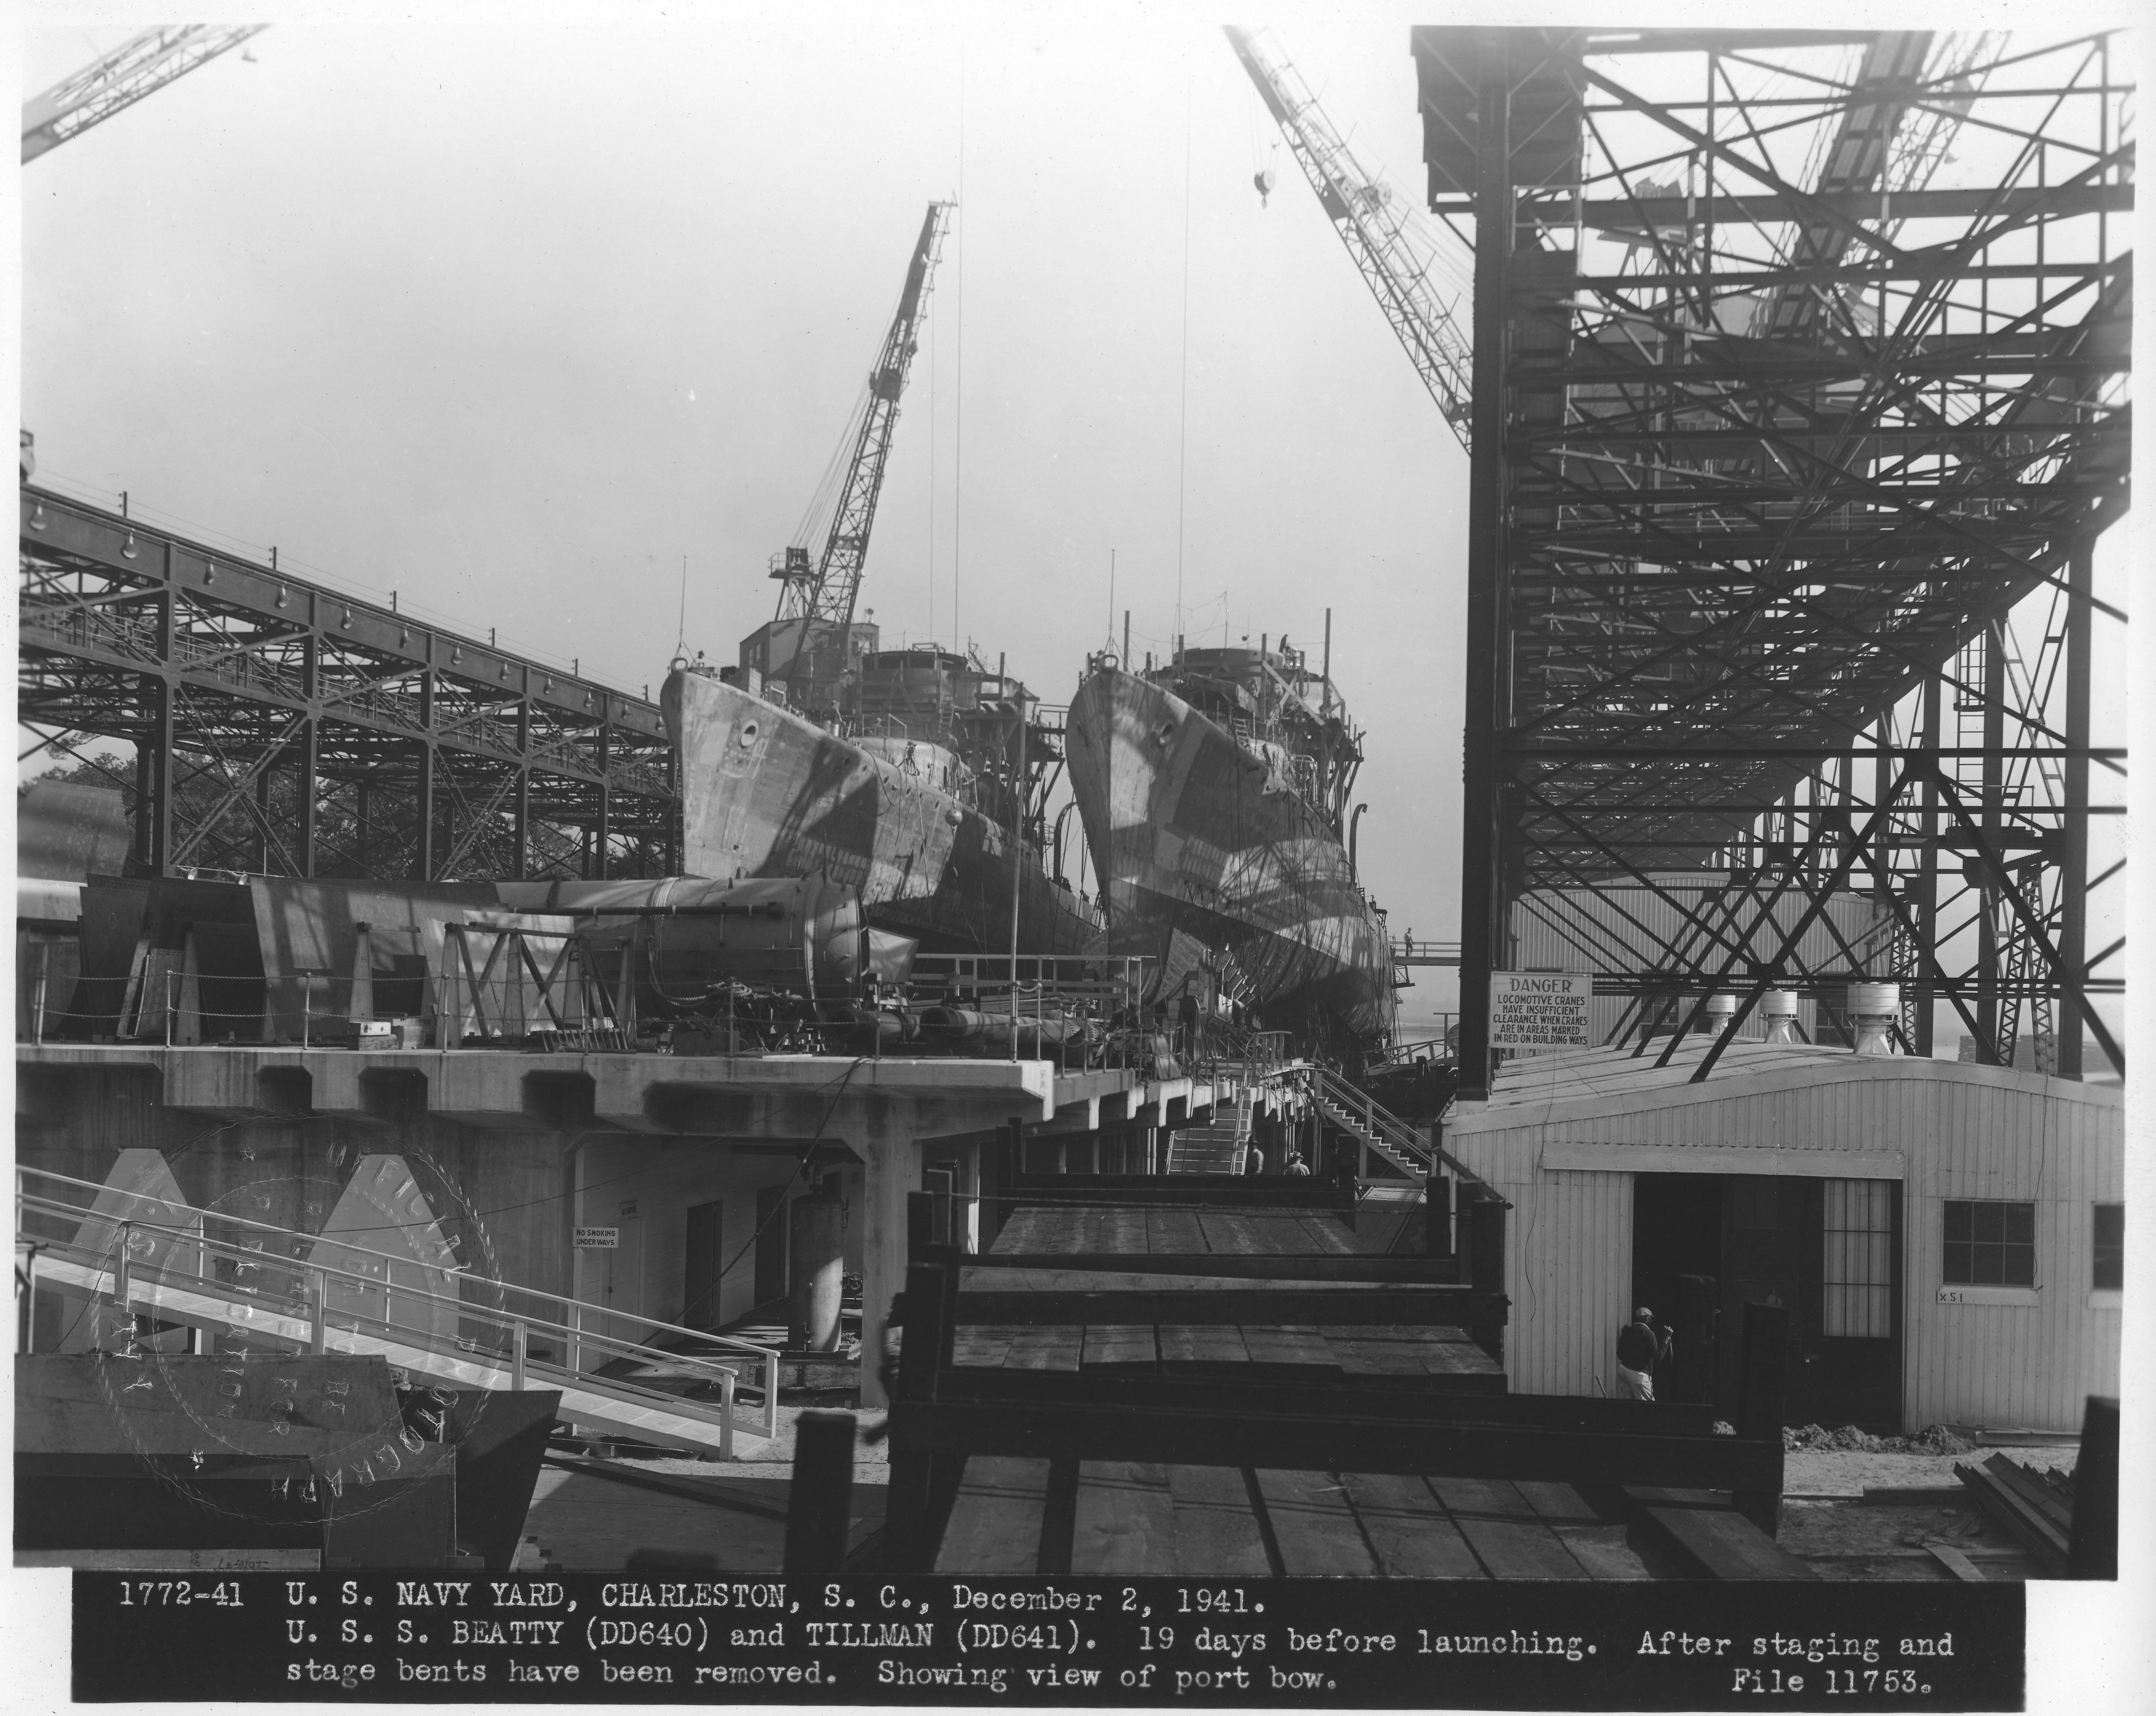 USS Beatty (DD640) and USS Tillman